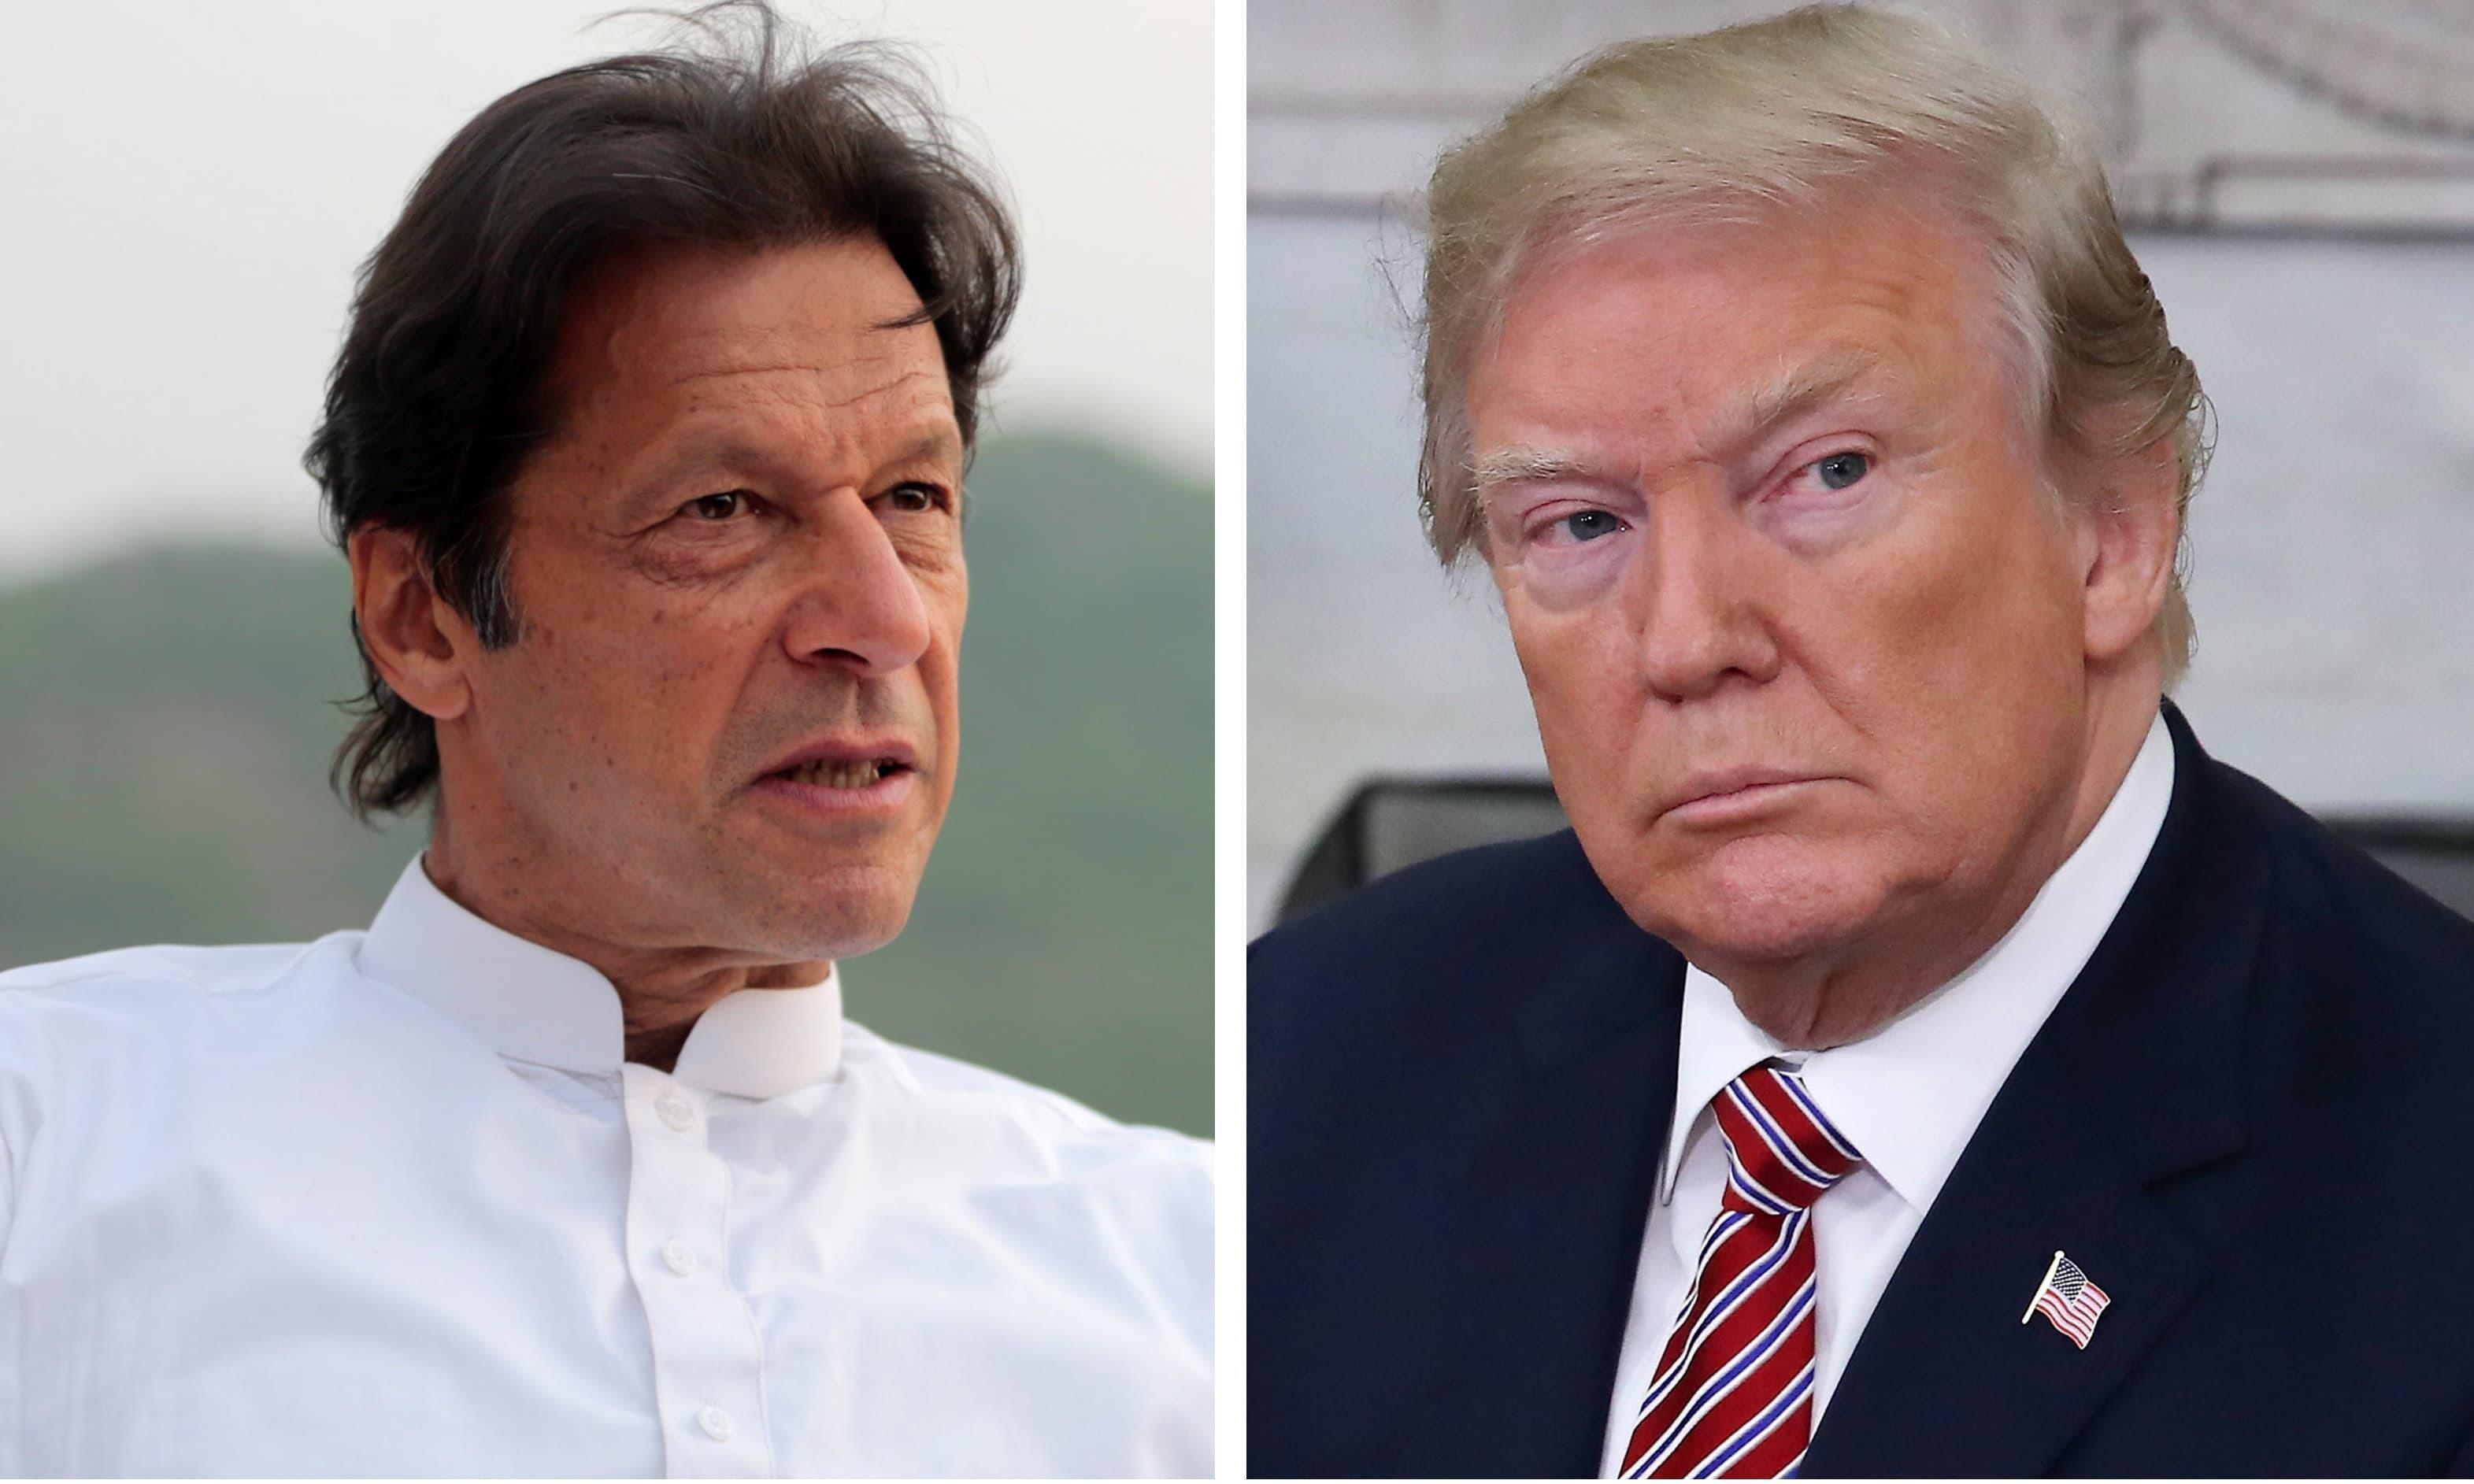 Khan meet Trump